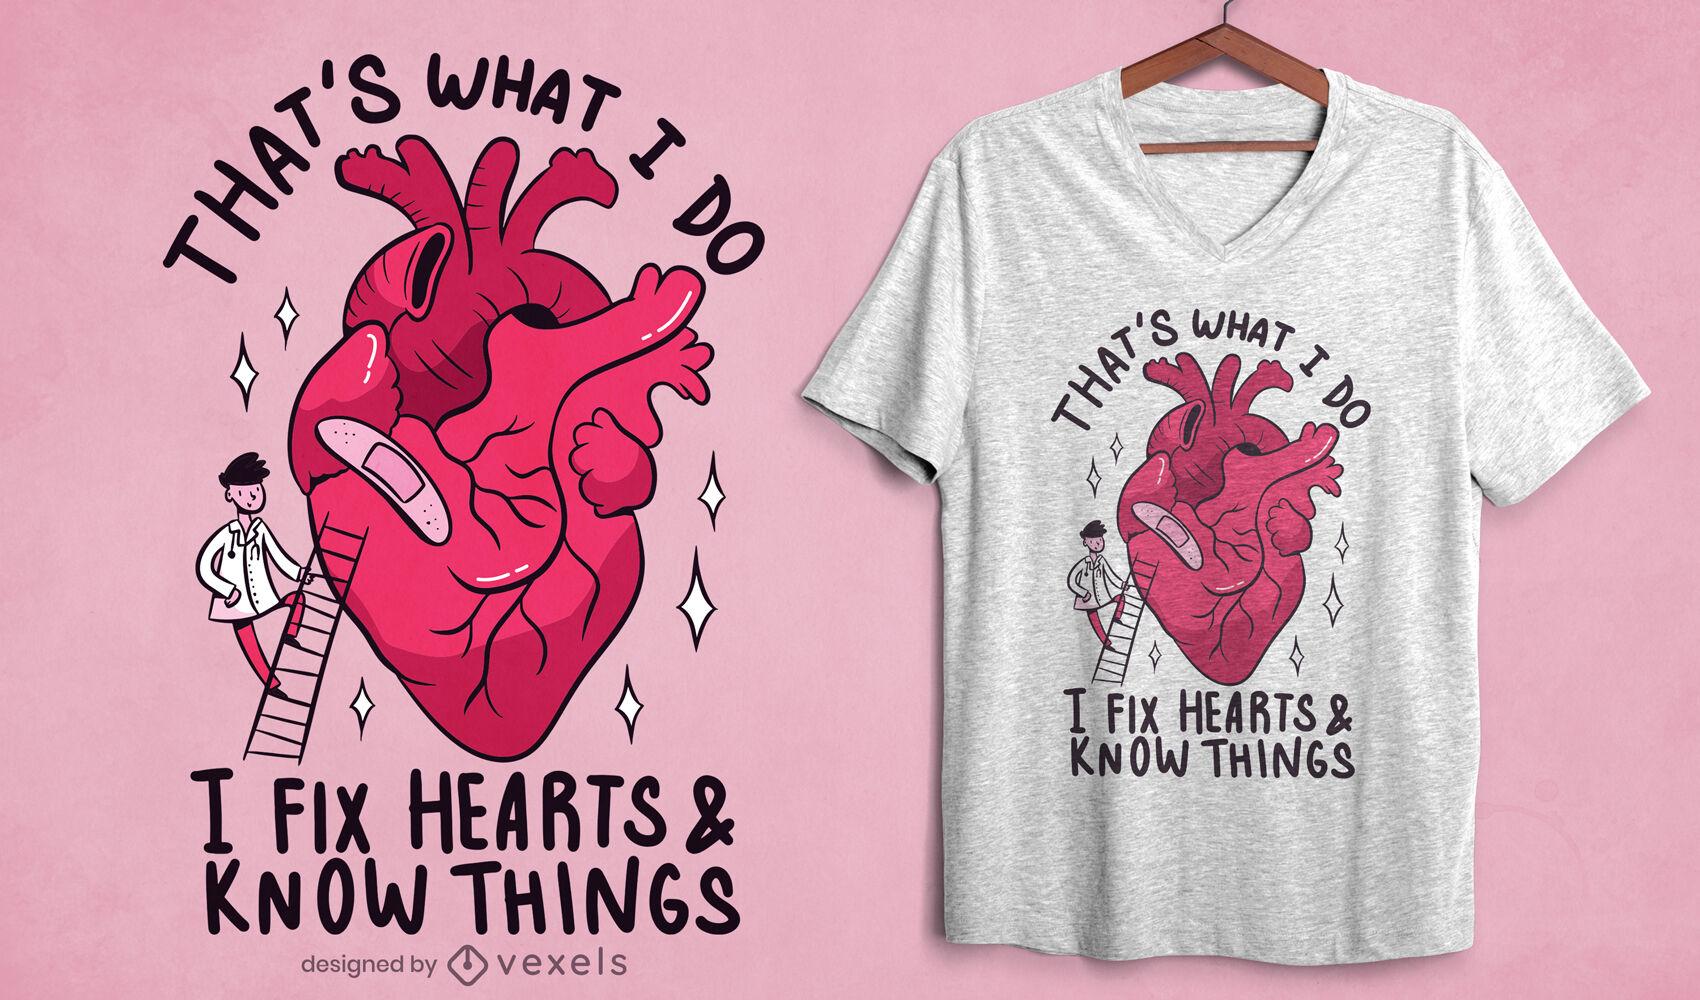 Man fixing heart cartoon t-shirt design